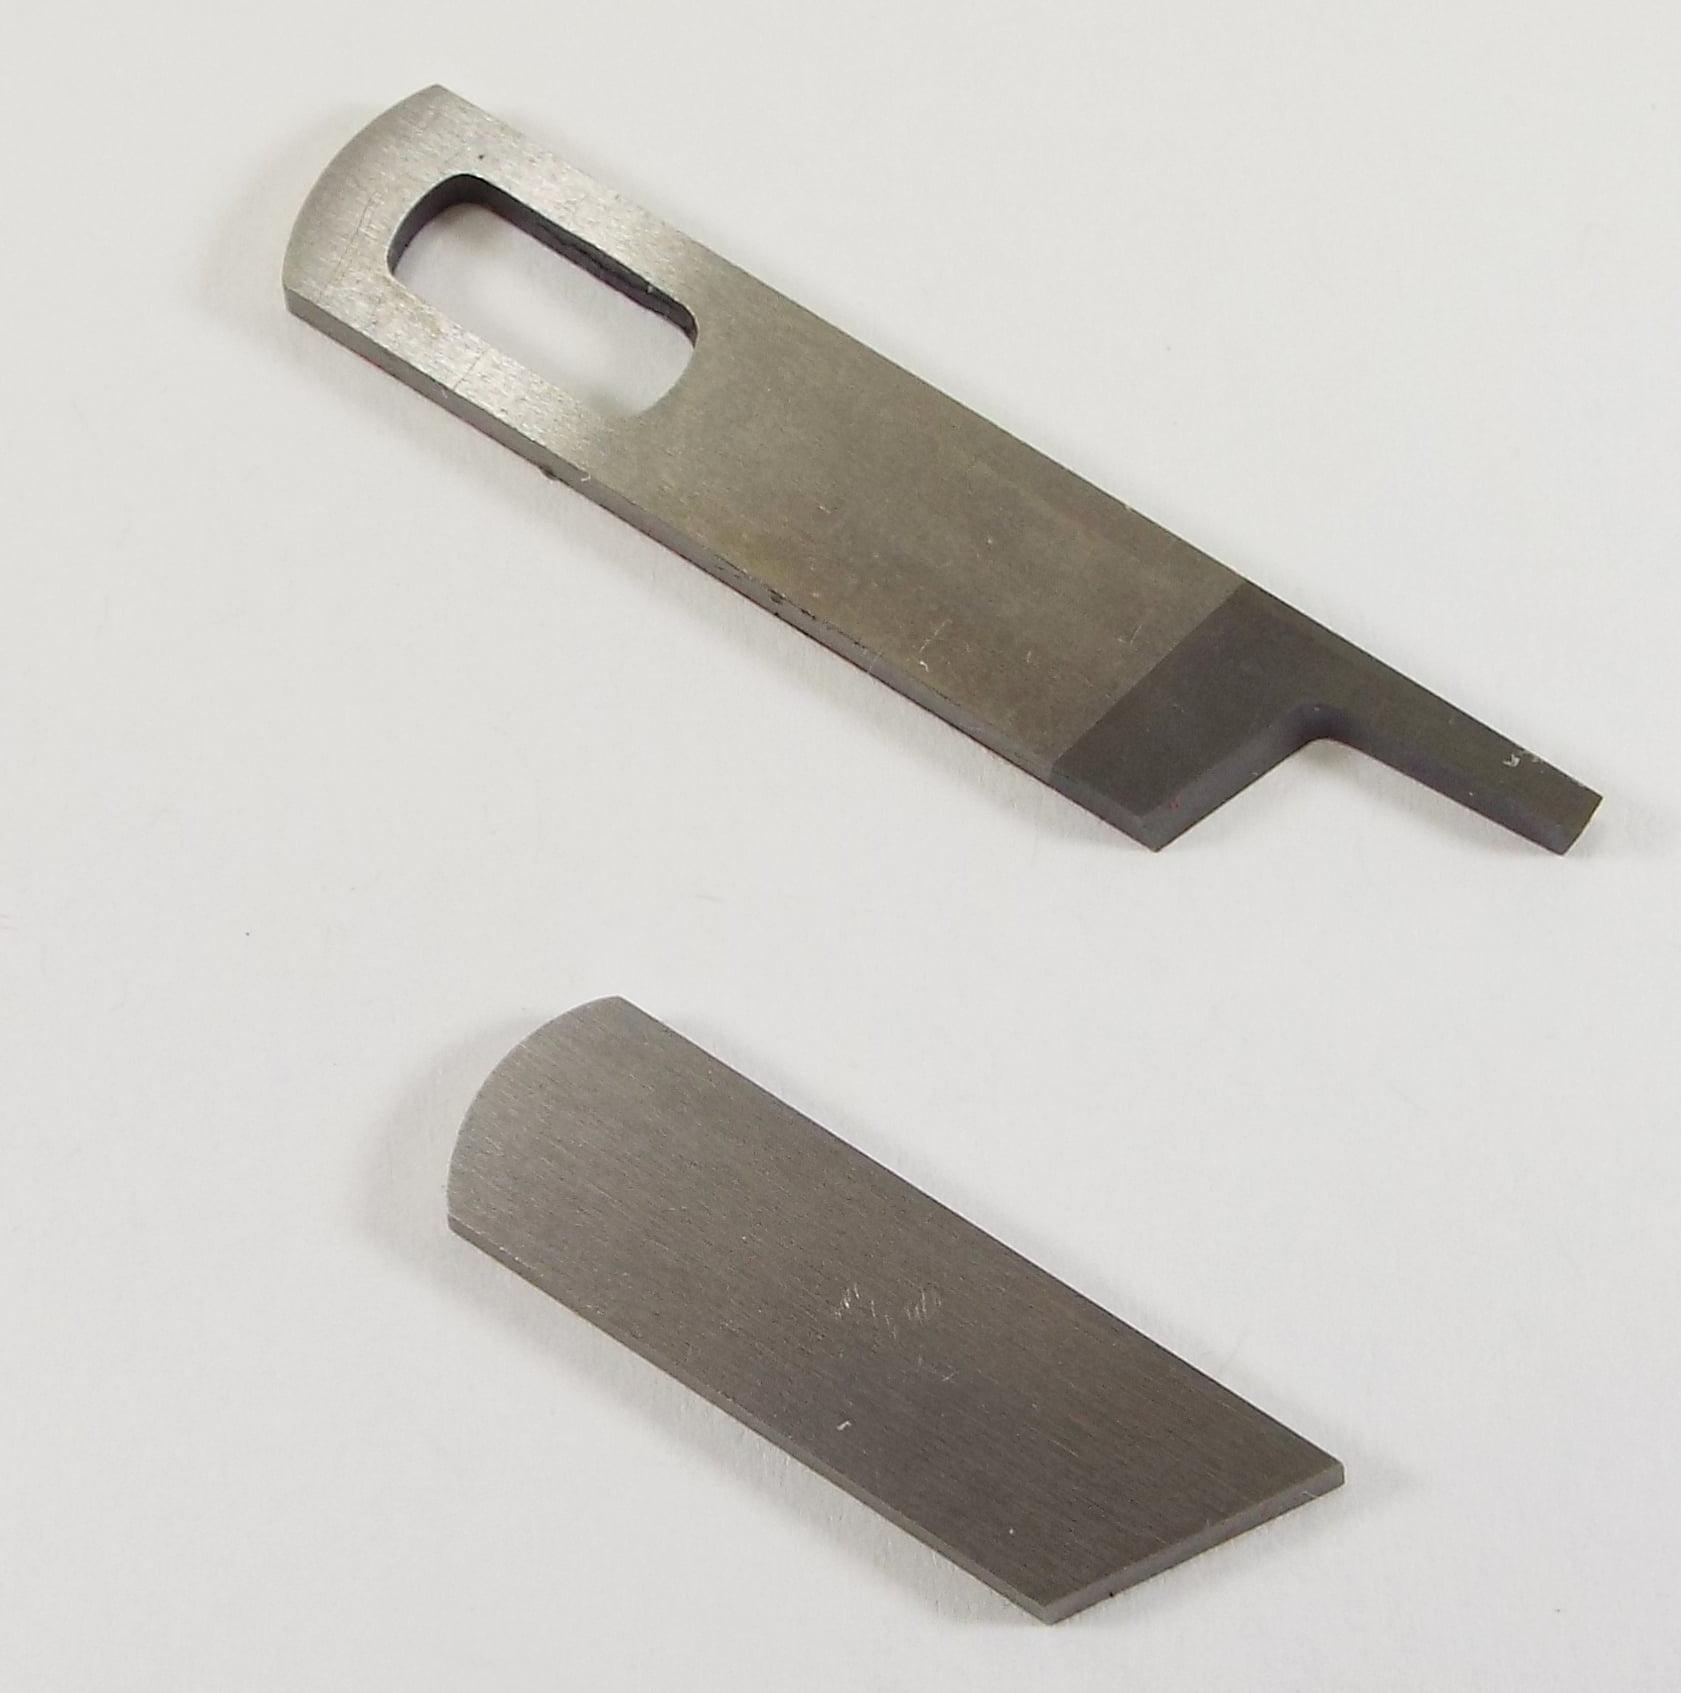 Singer 14U Series Serger Knife Set Includes Upper 412585 & Lower 412749 See Description For Models